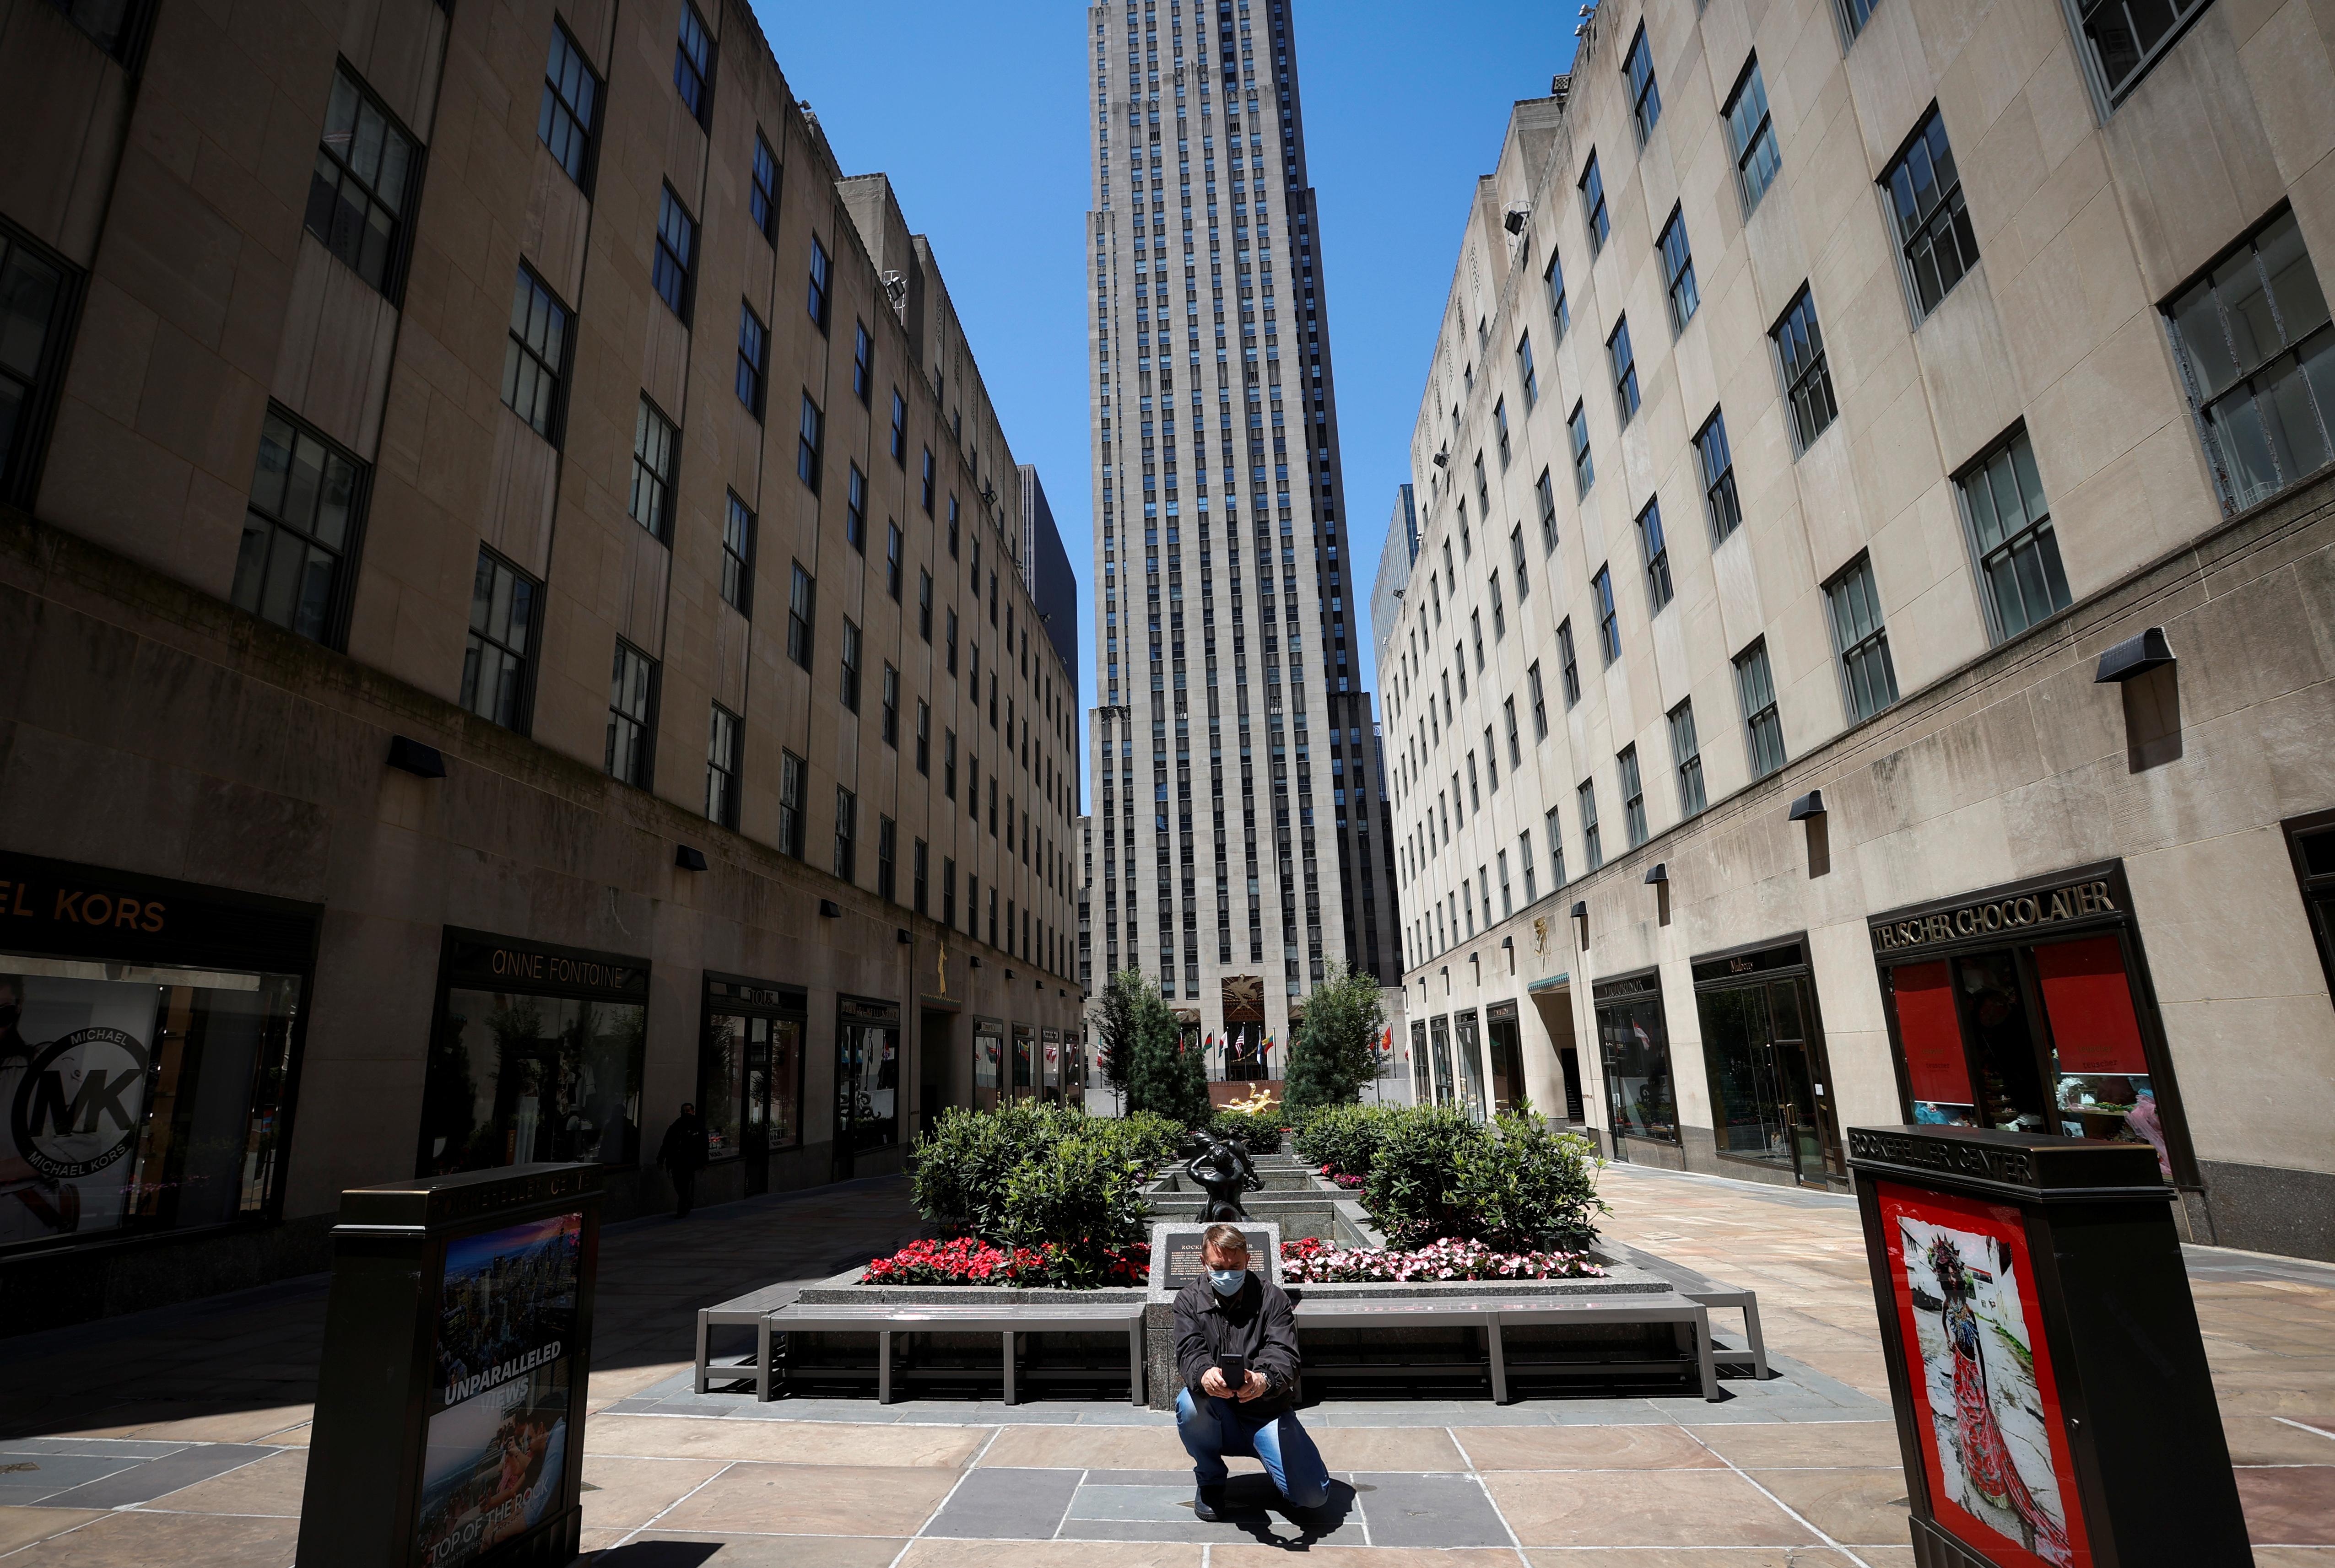 Un hombre se saca una foto en el Rockefeller Center en Manhattan, New York City (REUTERS/Mike Segar)